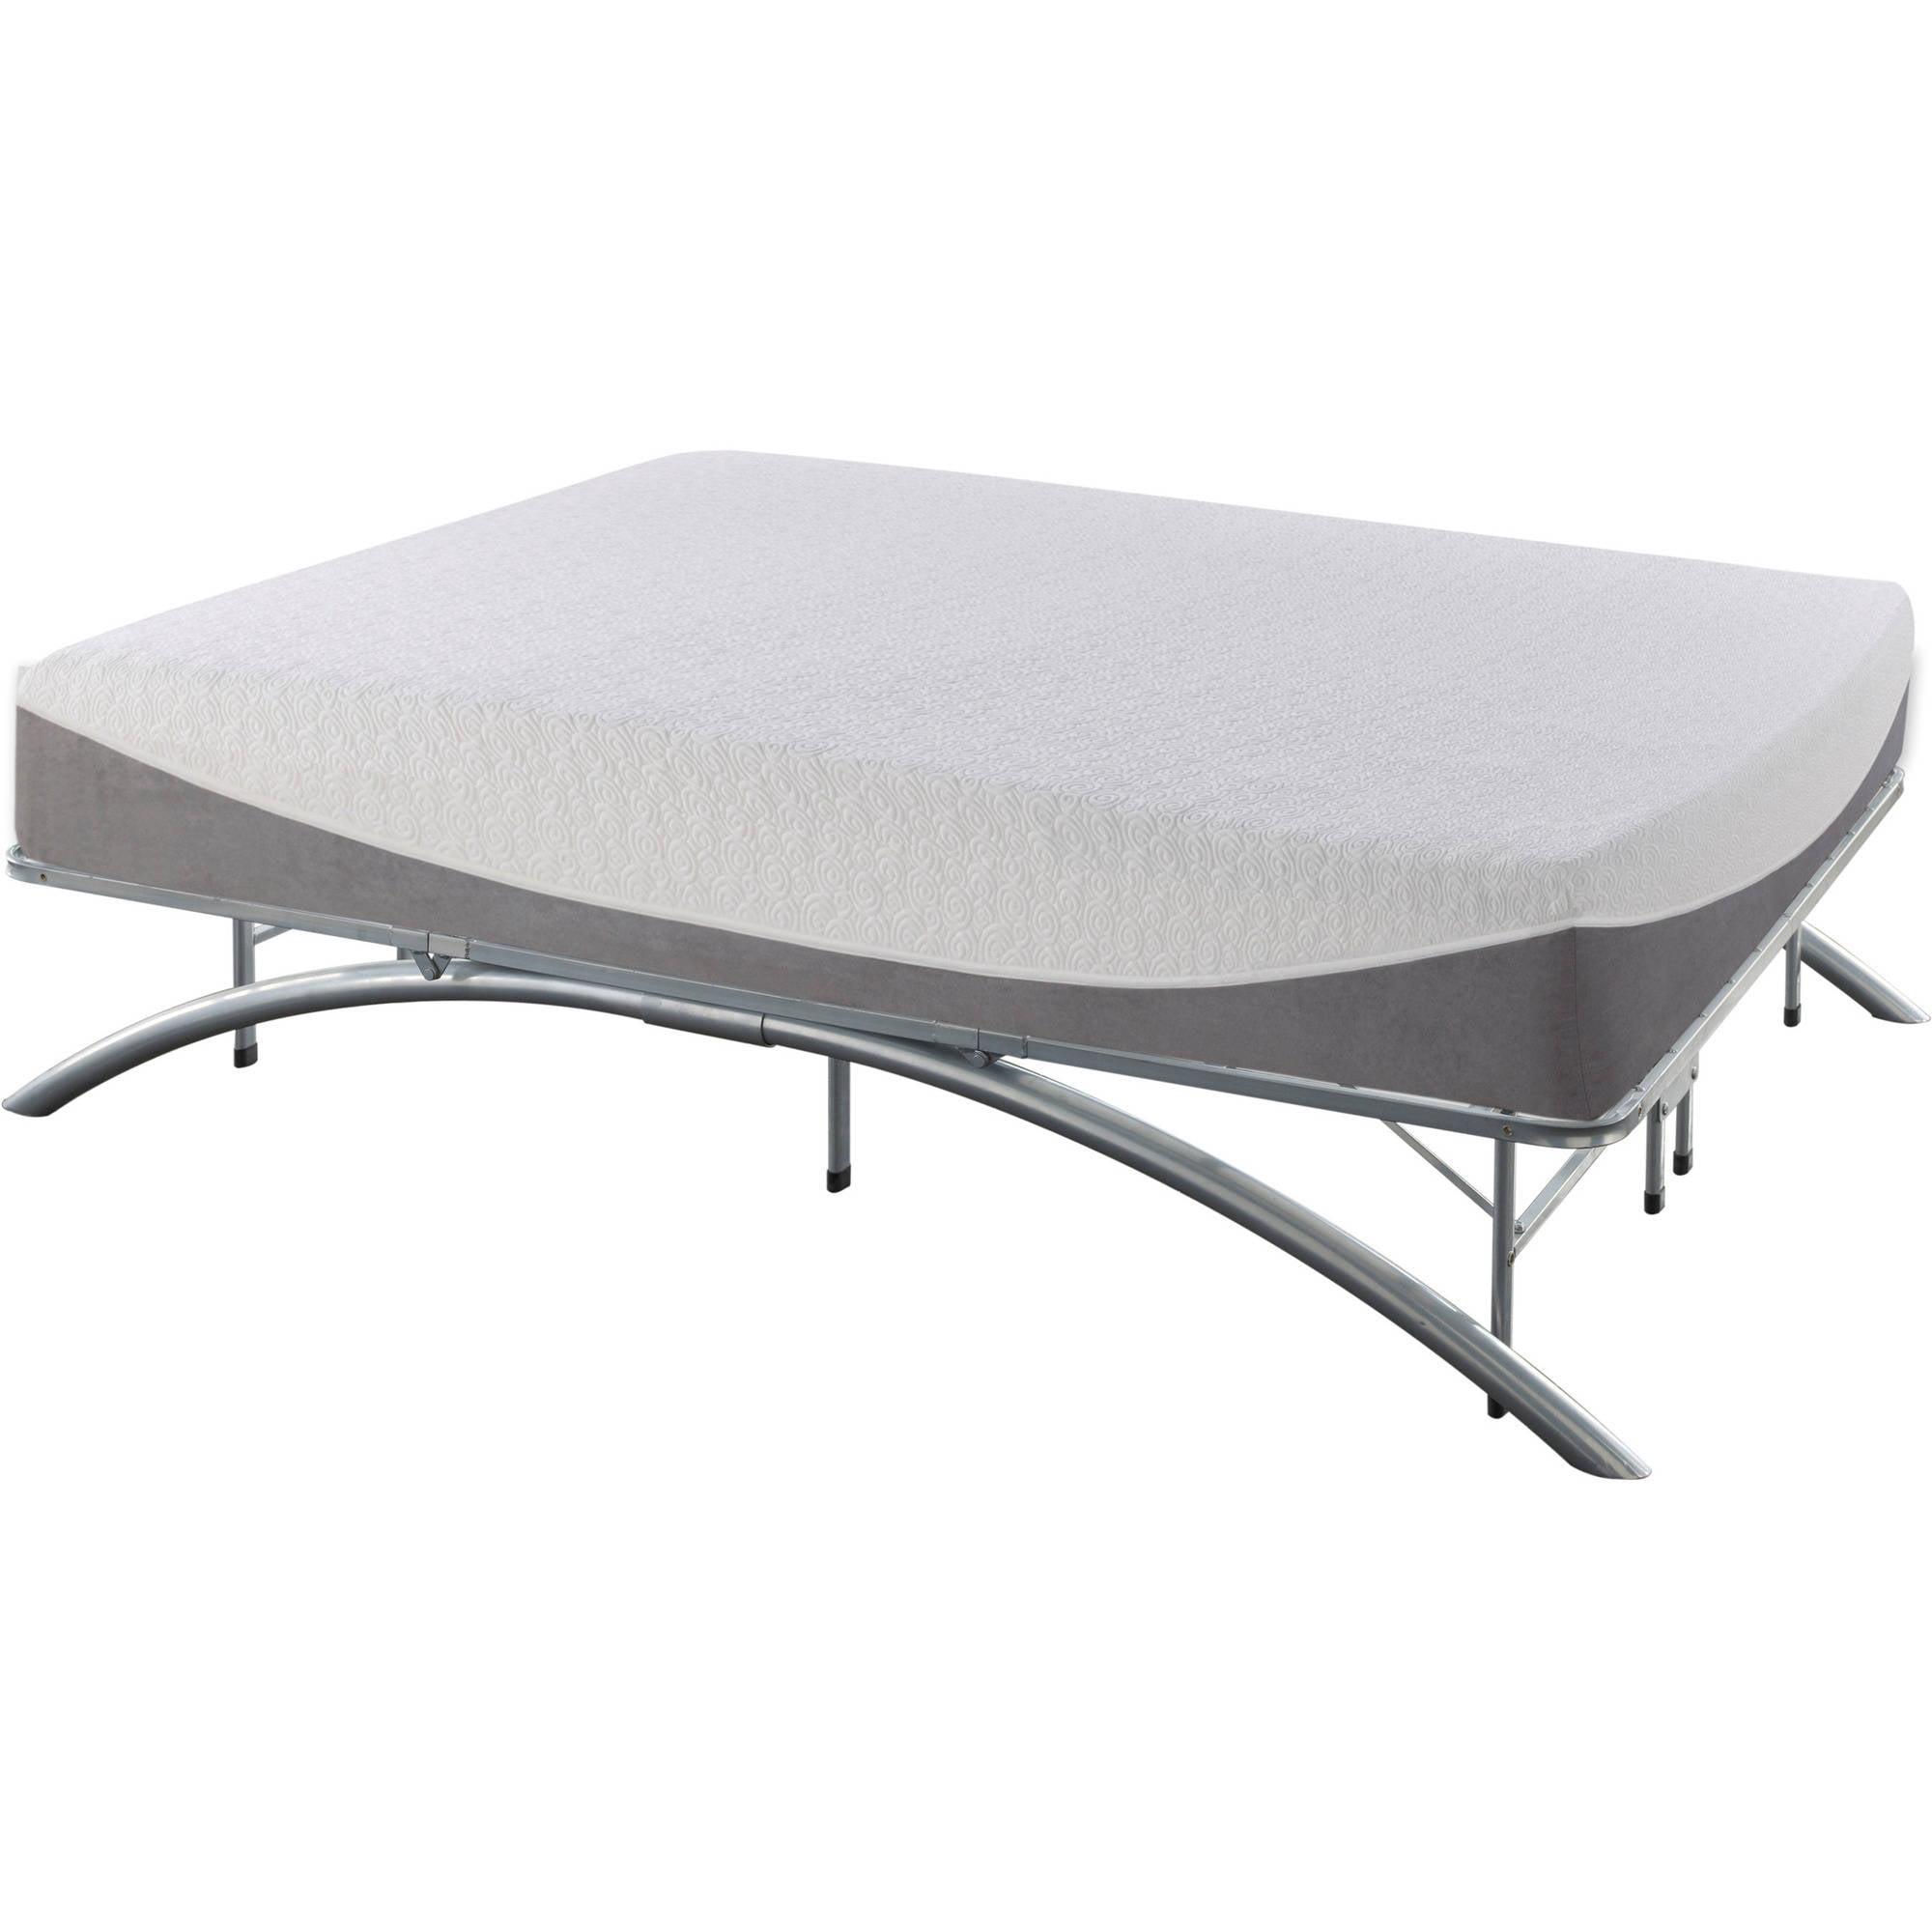 White Platform Bed Frames premier ellipse arch platform bed frame, brushed silver - walmart